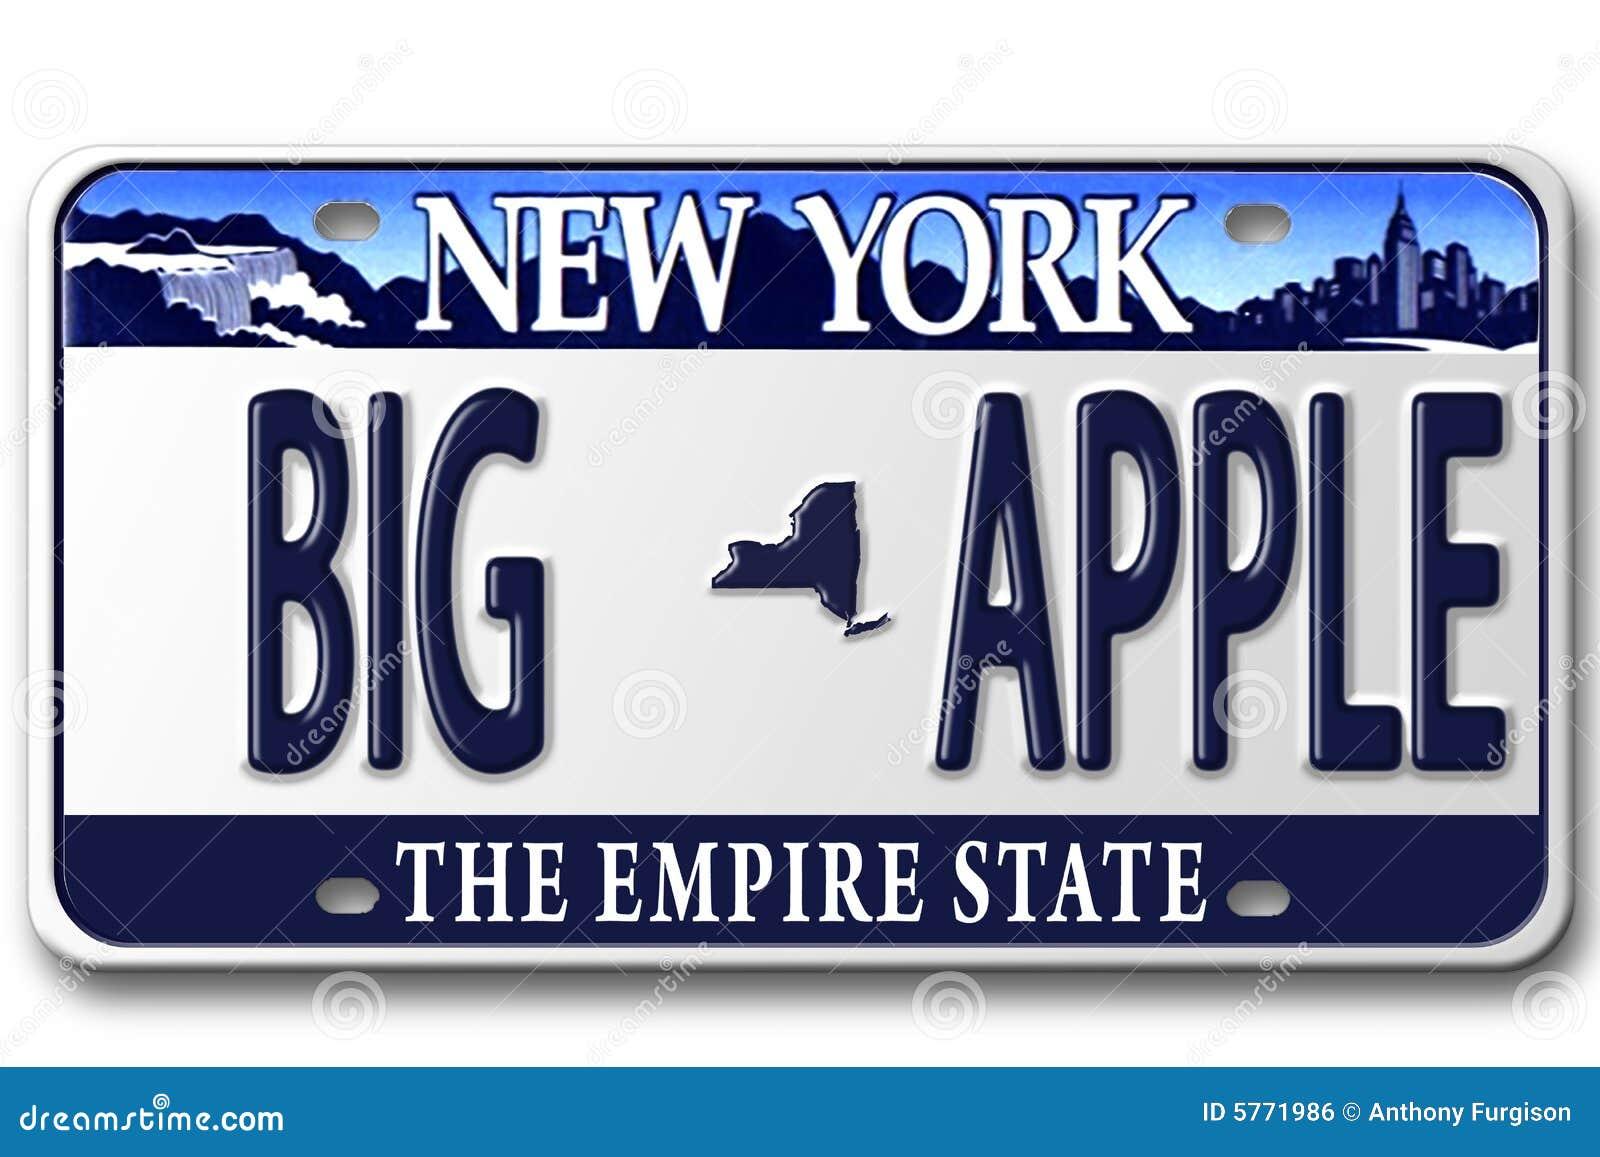 License Plates NY Royalty Free Stock Image